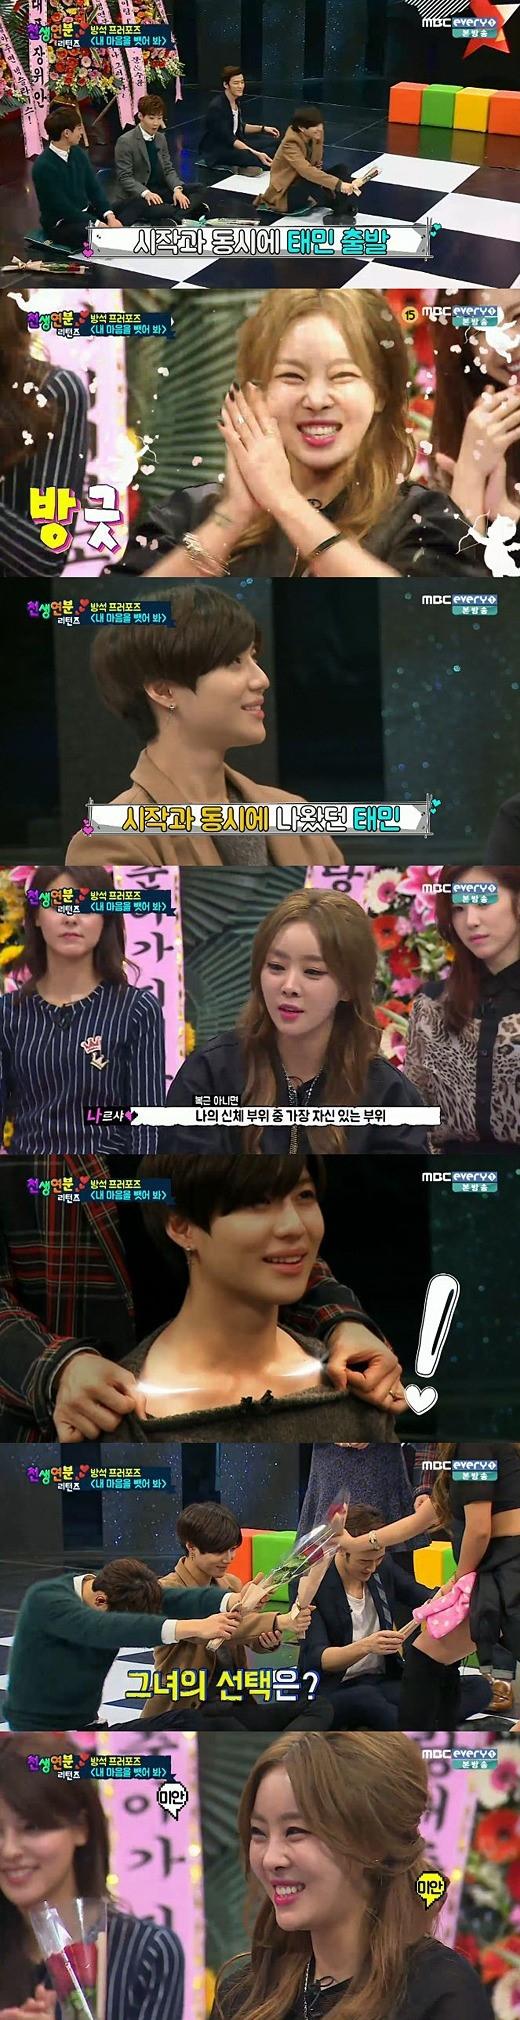 """SHINee テミン、合コン番組でカップル成立…""""お相手は?"""""""